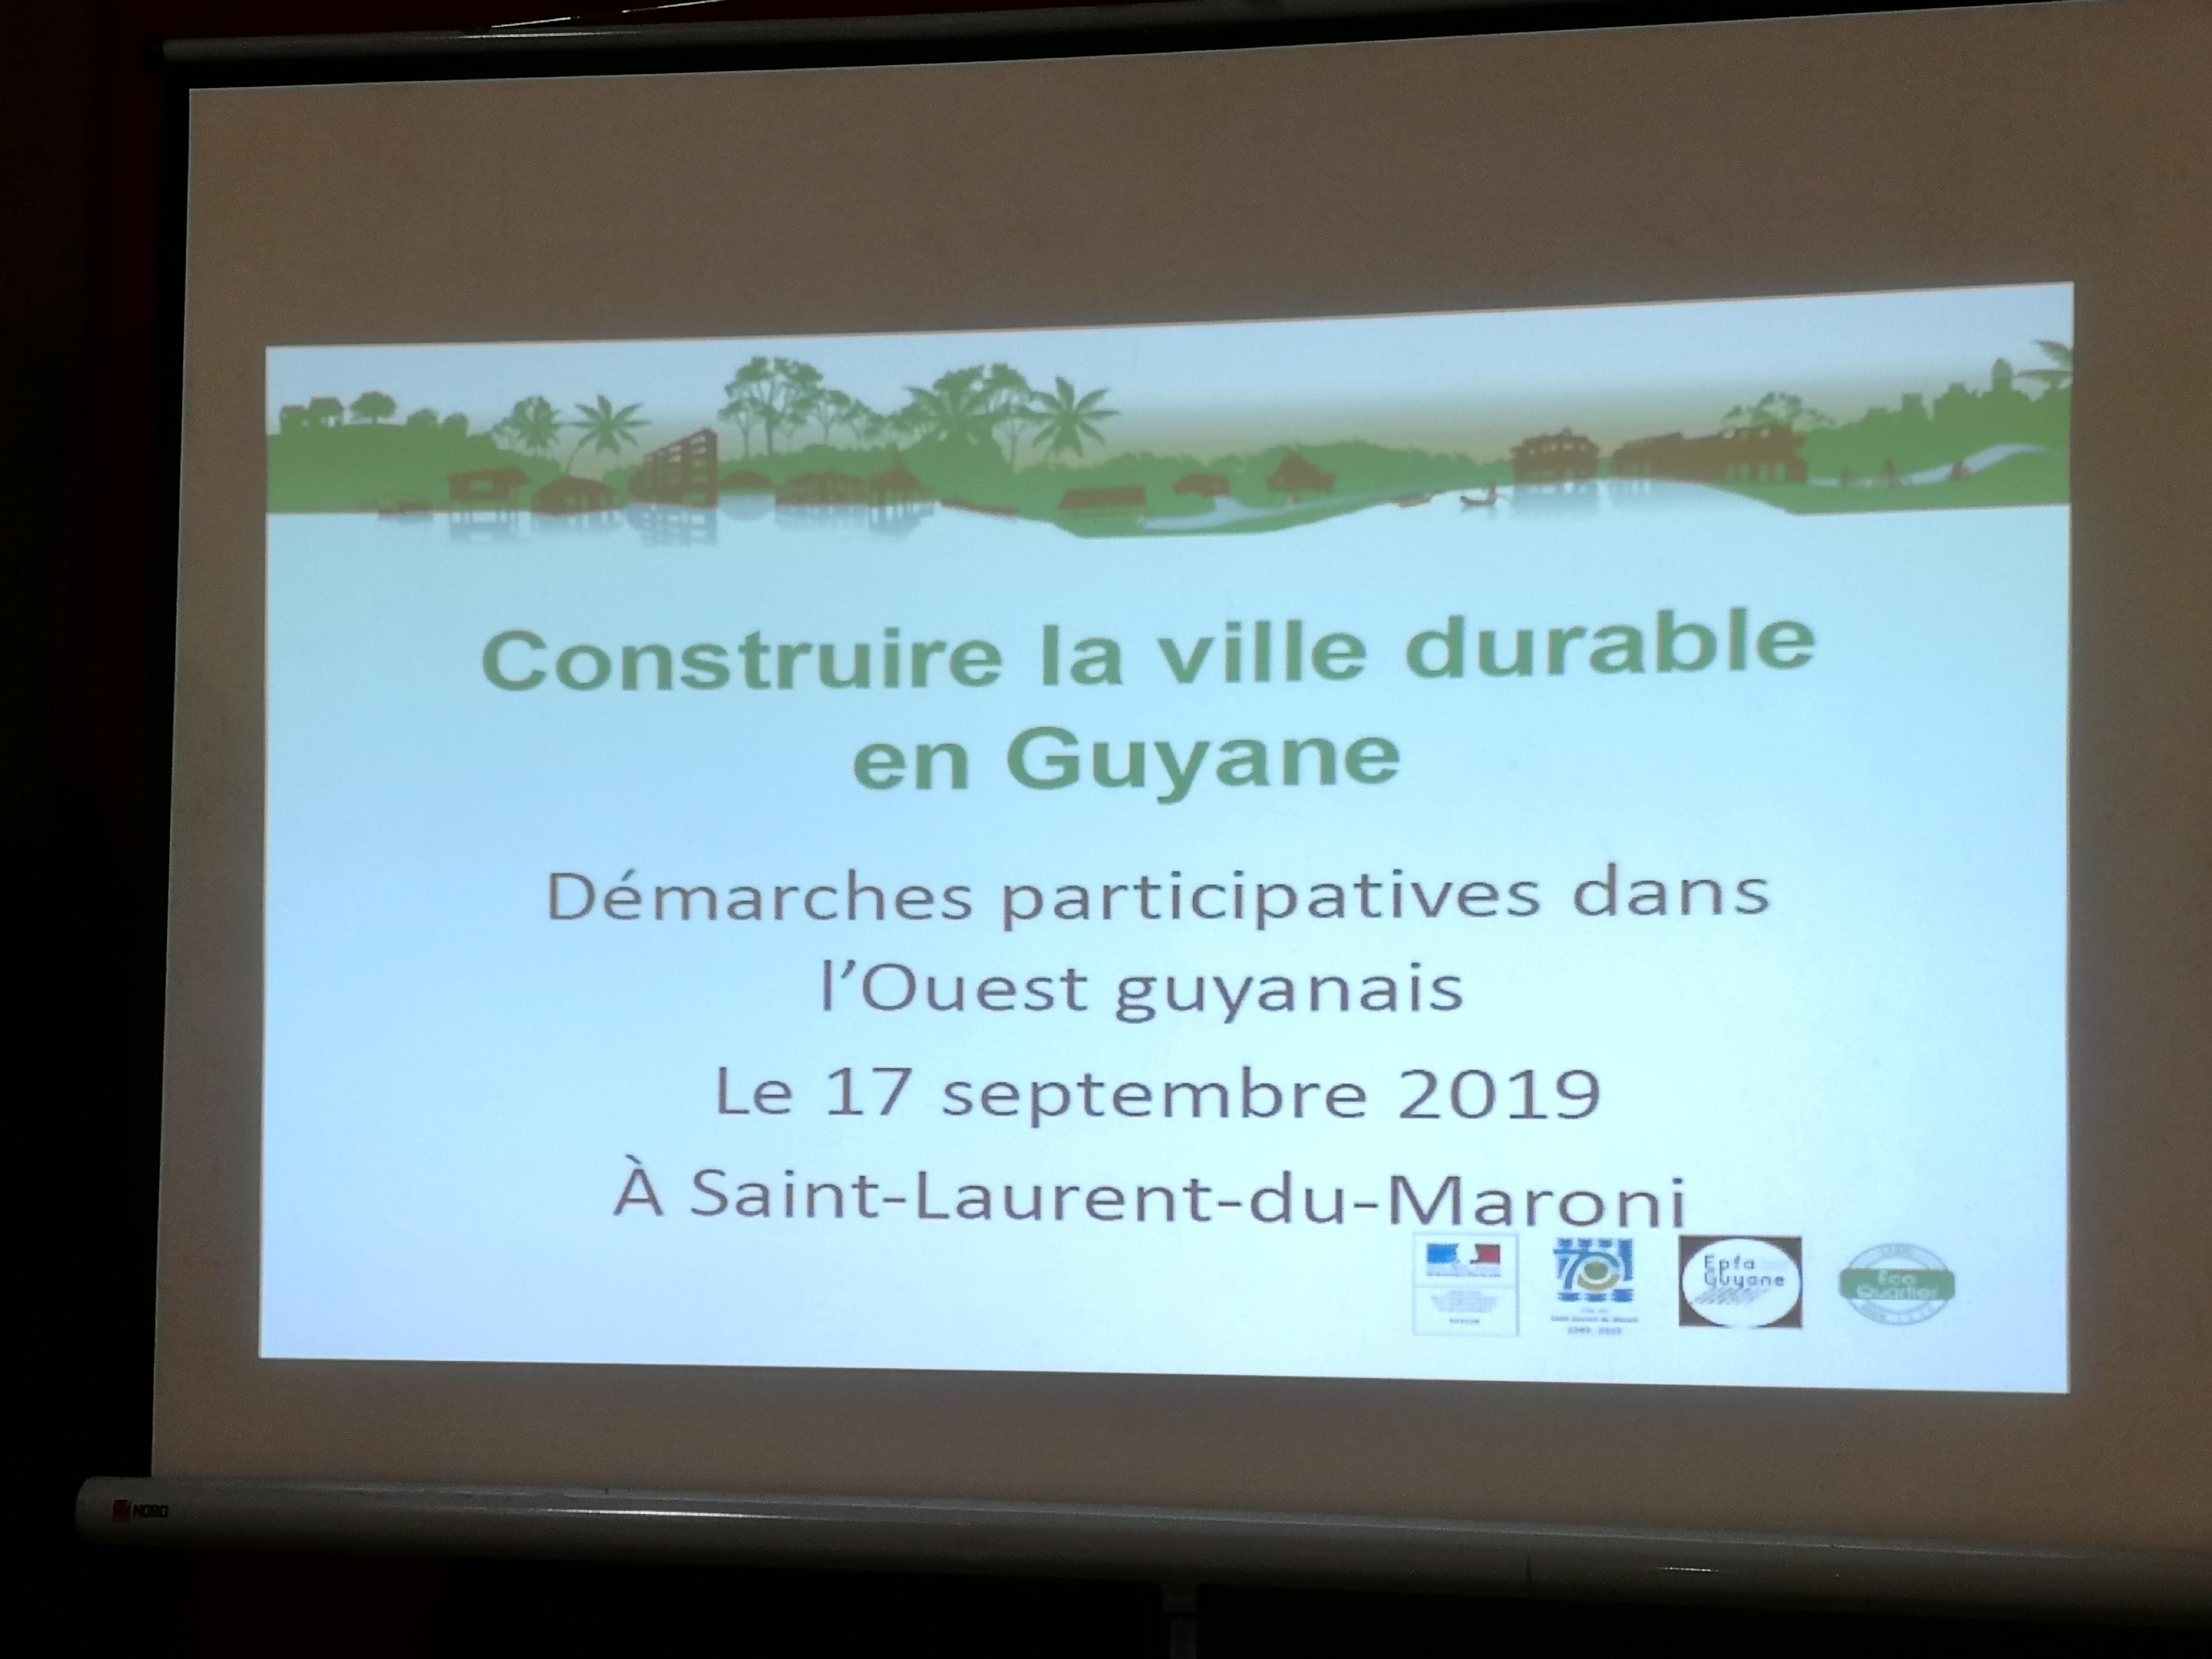 Démarches participatives dans l'Ouest guyanais à Saint Laurent du Maroni